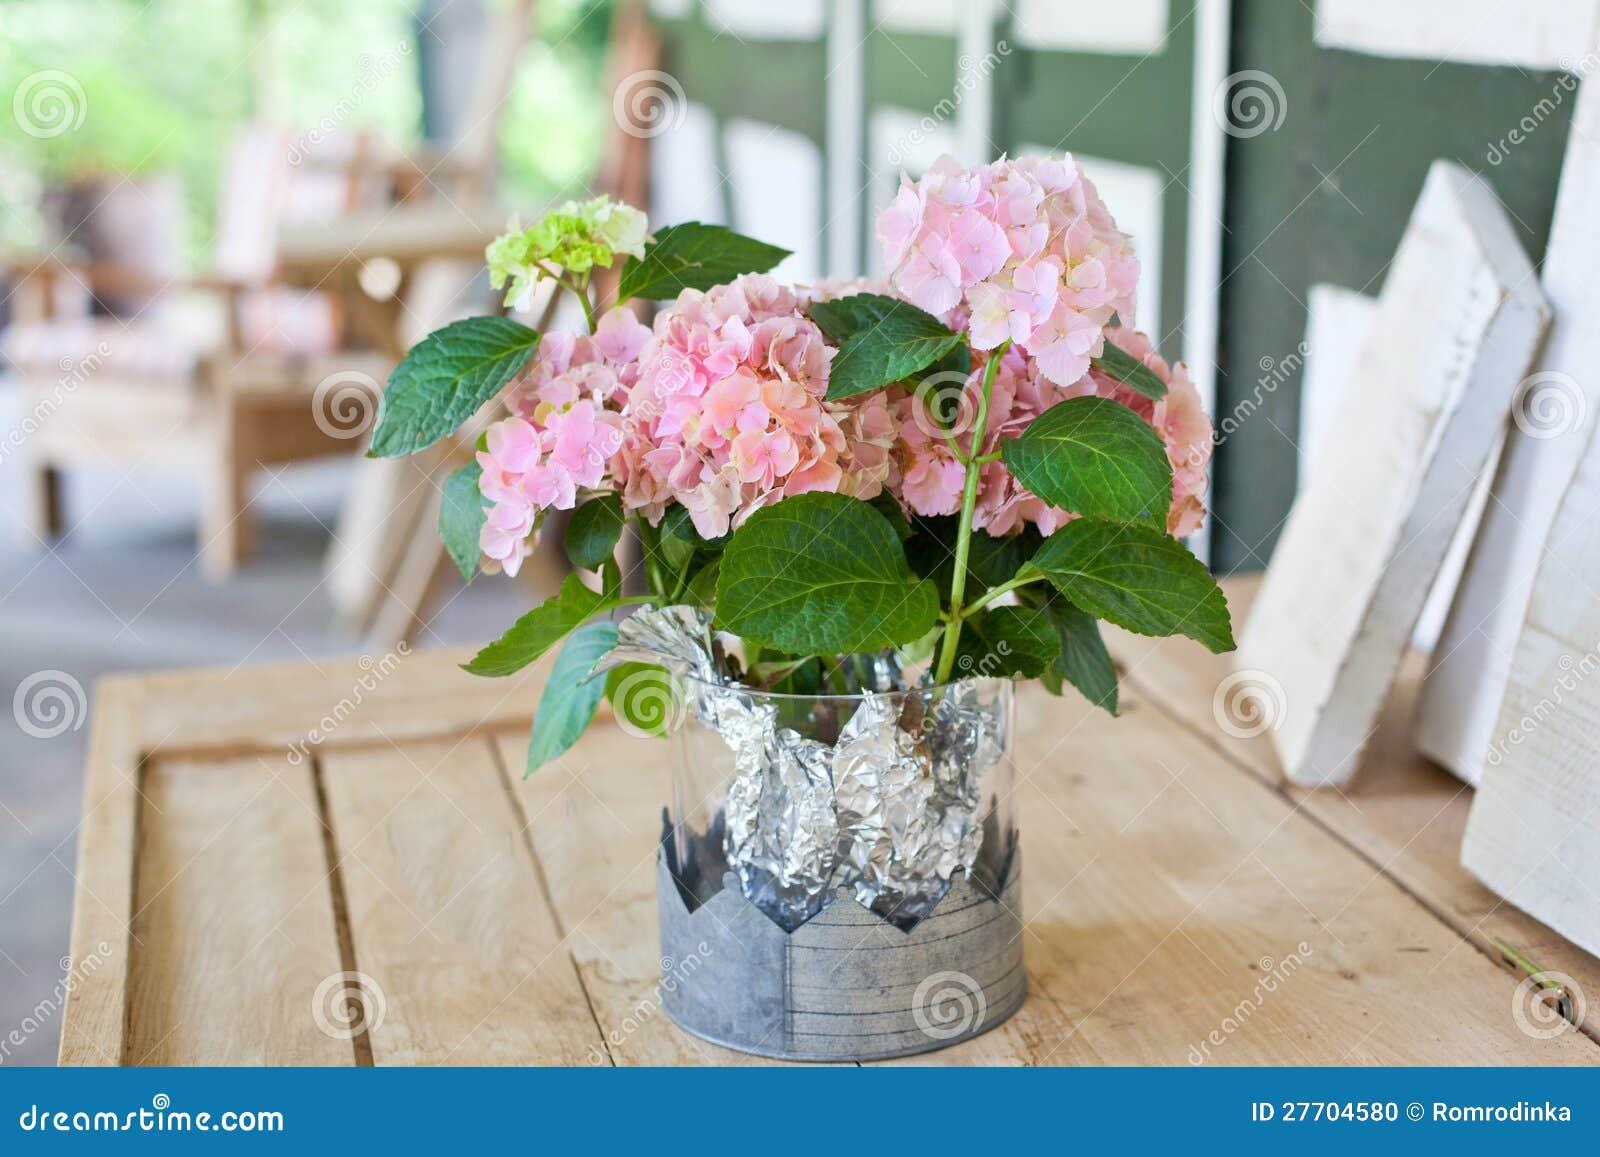 decoraci n al aire libre con el ramo de flores blandas